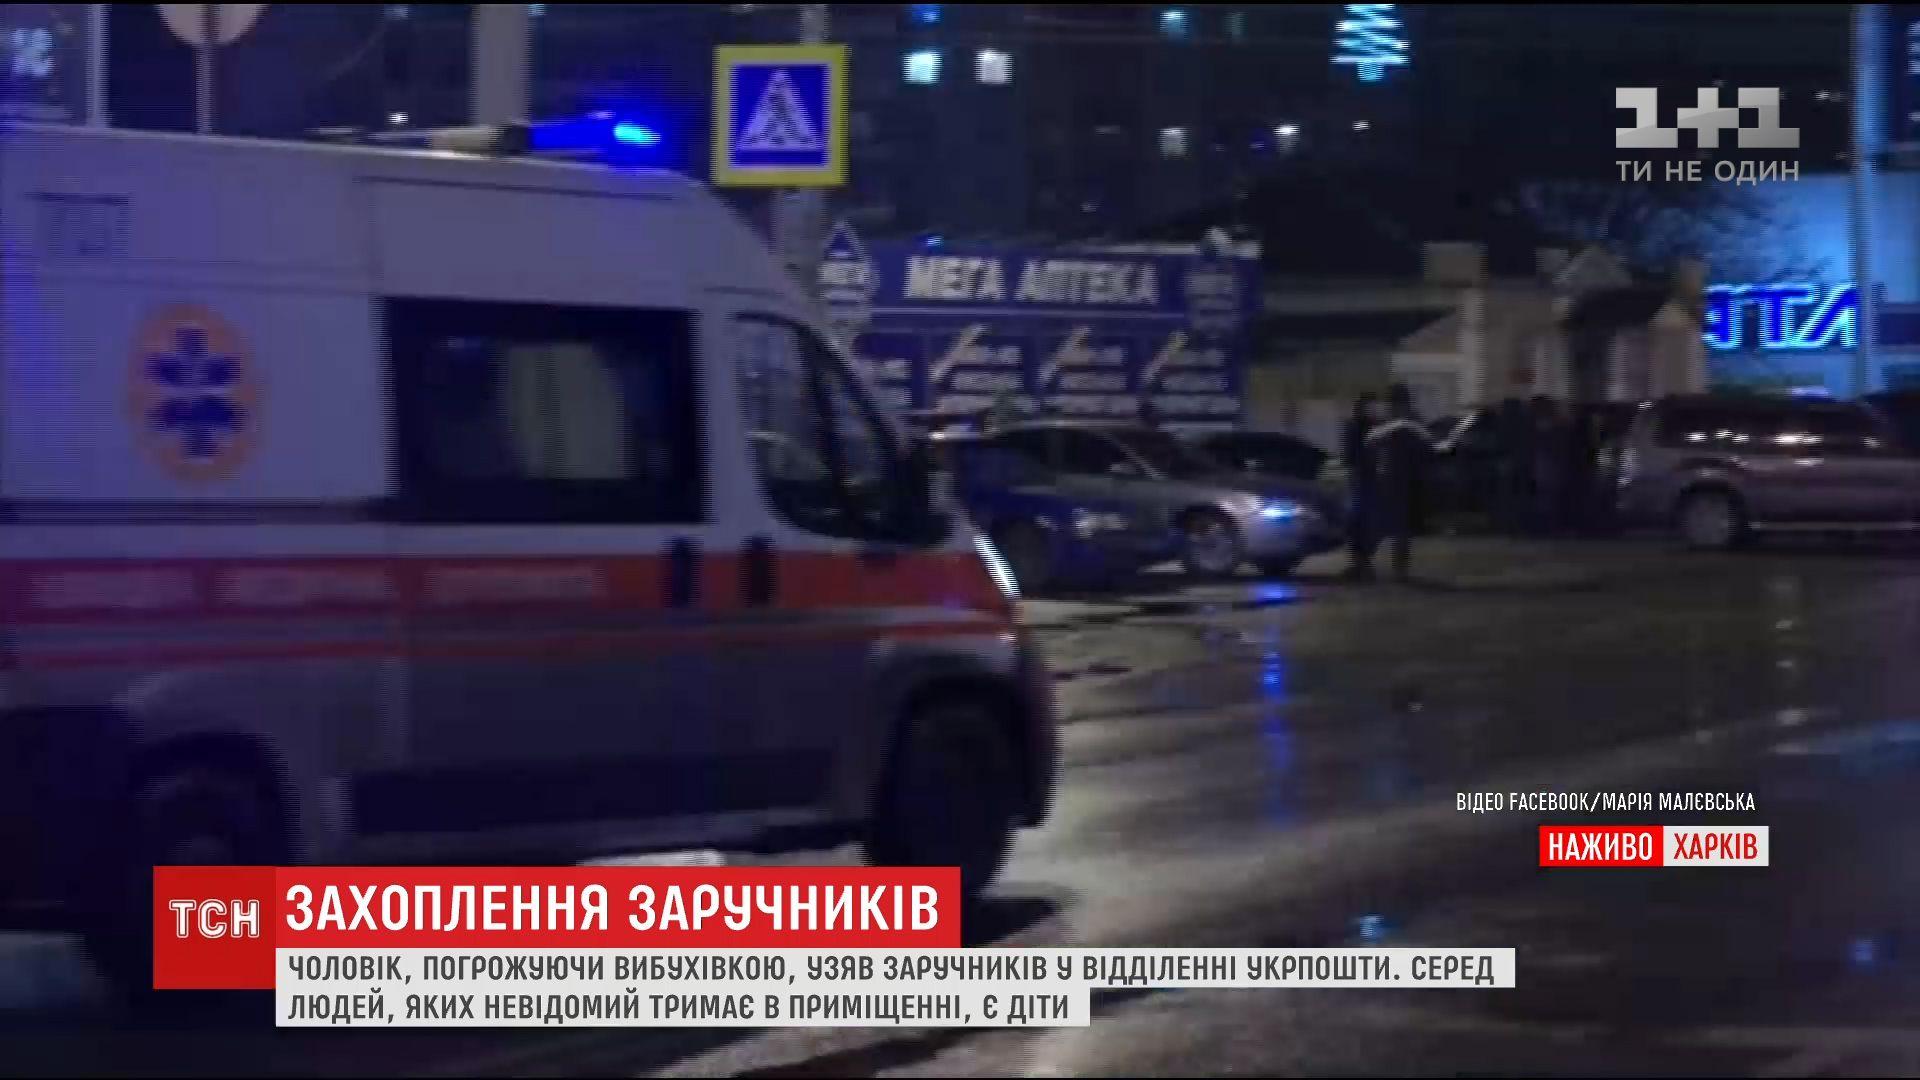 В полиции рассказали о мужестве заложников во время спецоперации / ТСН